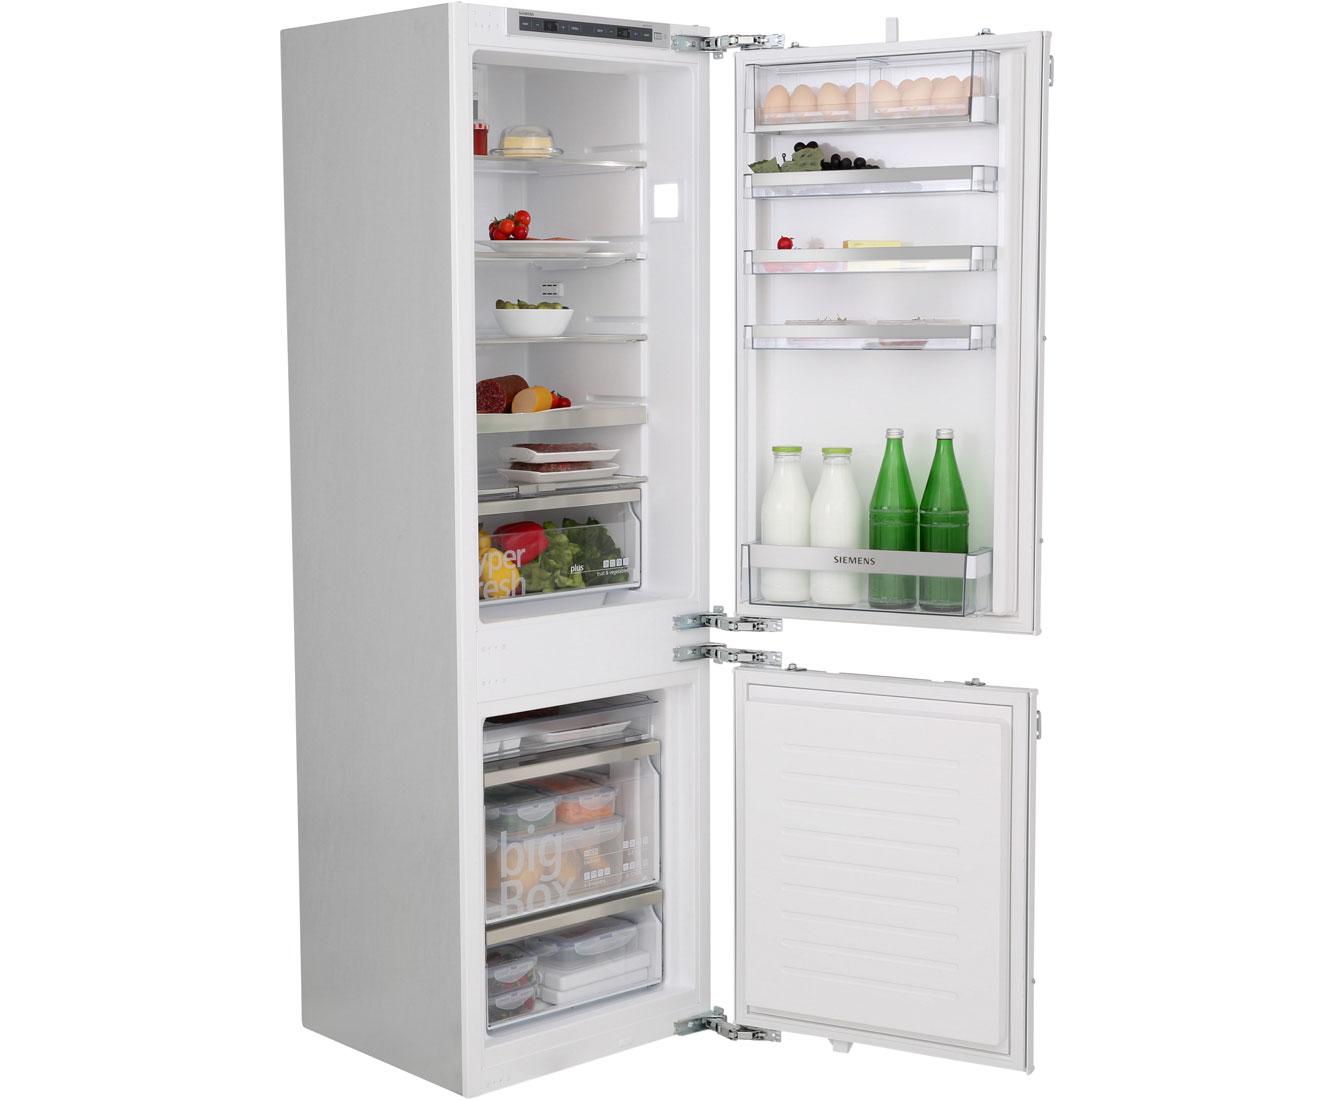 Siemens Kühlschrank Unterschiede : Siemens iq500 ki86sad40 einbau kühl gefrierkombination 178er